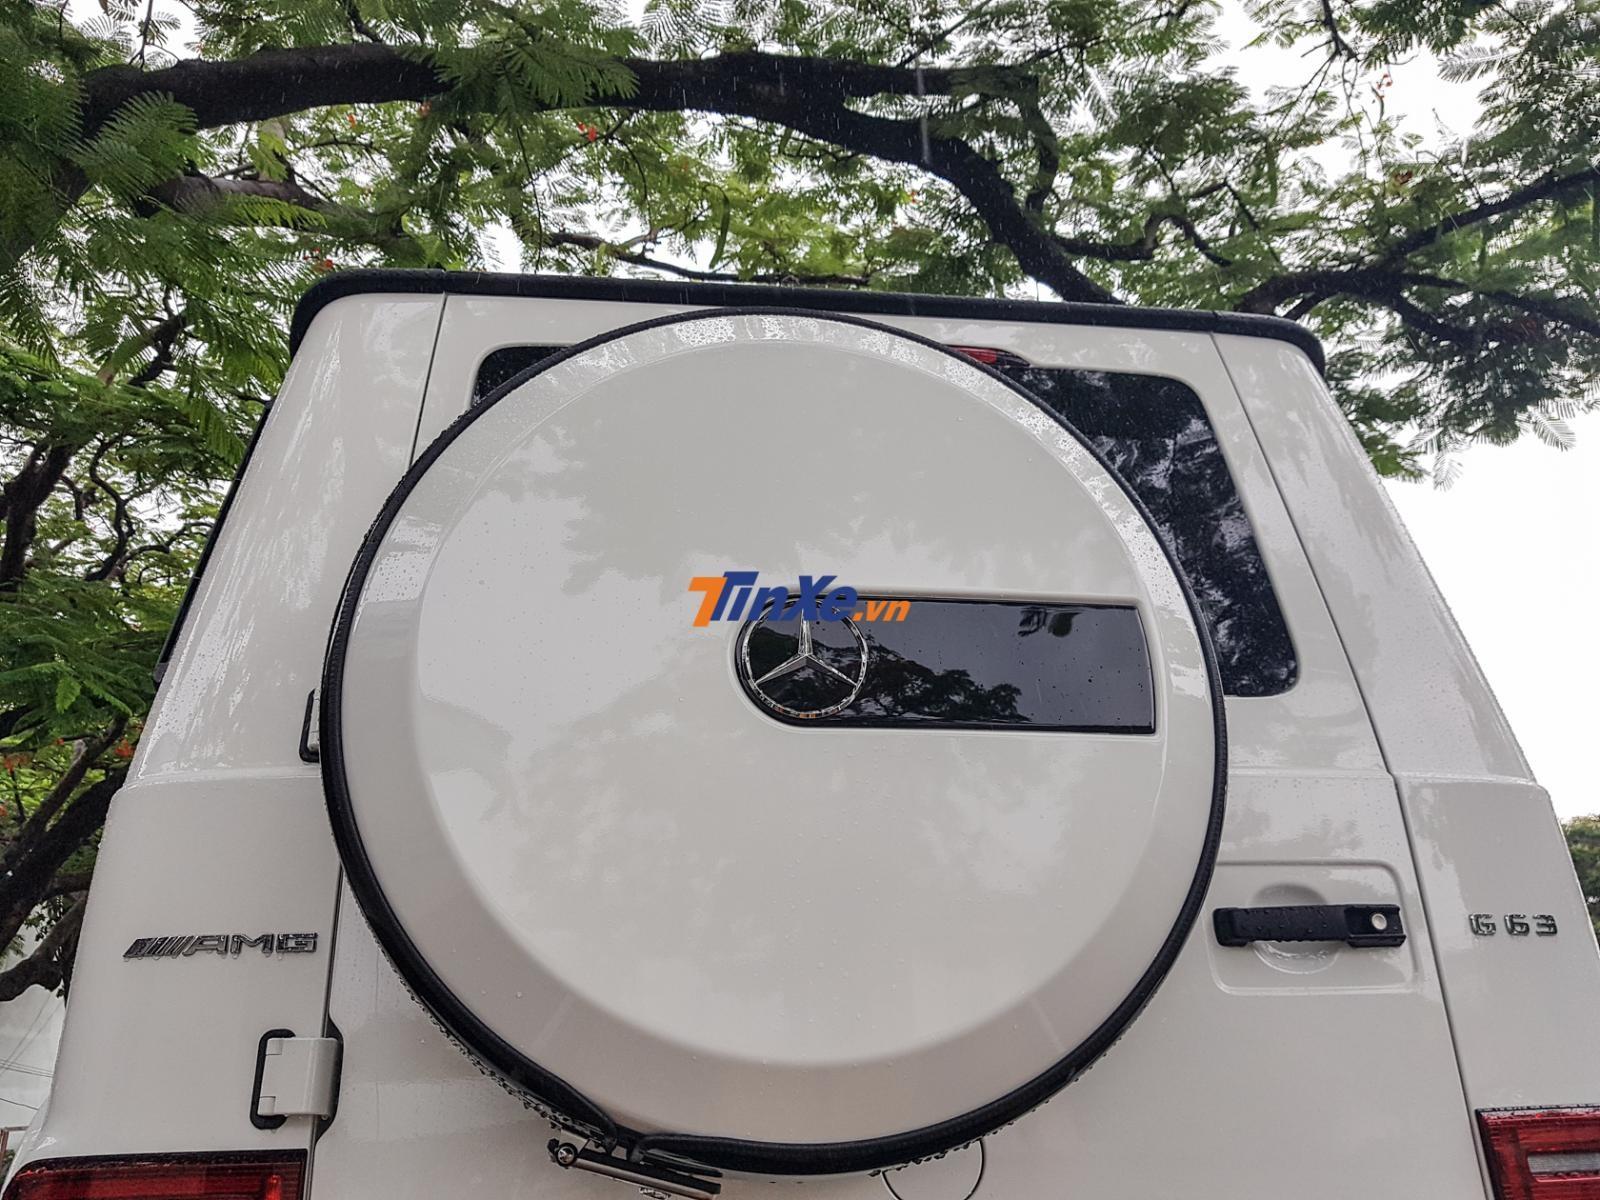 Mặt ngoài bánh xe dự phòng sơn màu trắng tông xuyệt tông ngoại thất